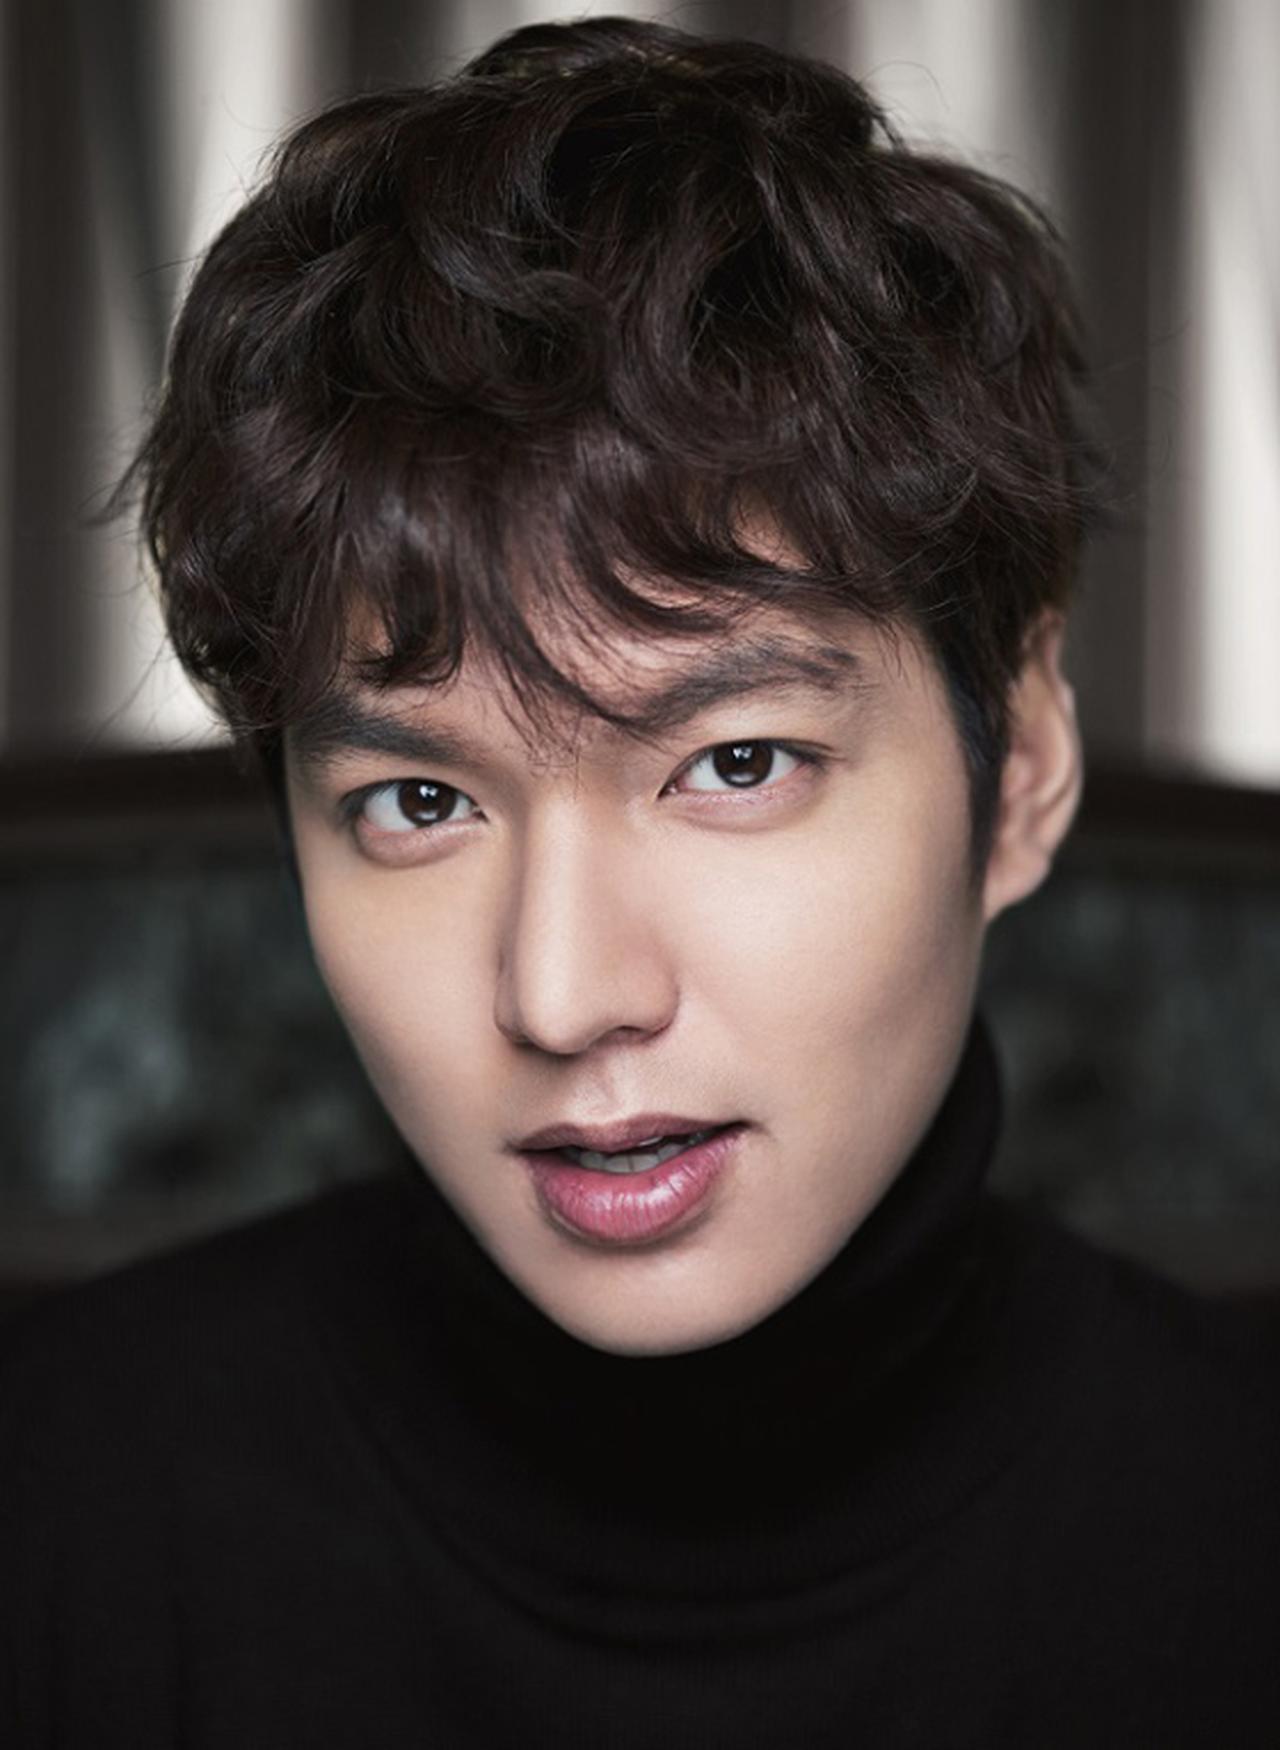 画像: http://www.wowkorea.jp/news/enter/2015/1204/10156721.html